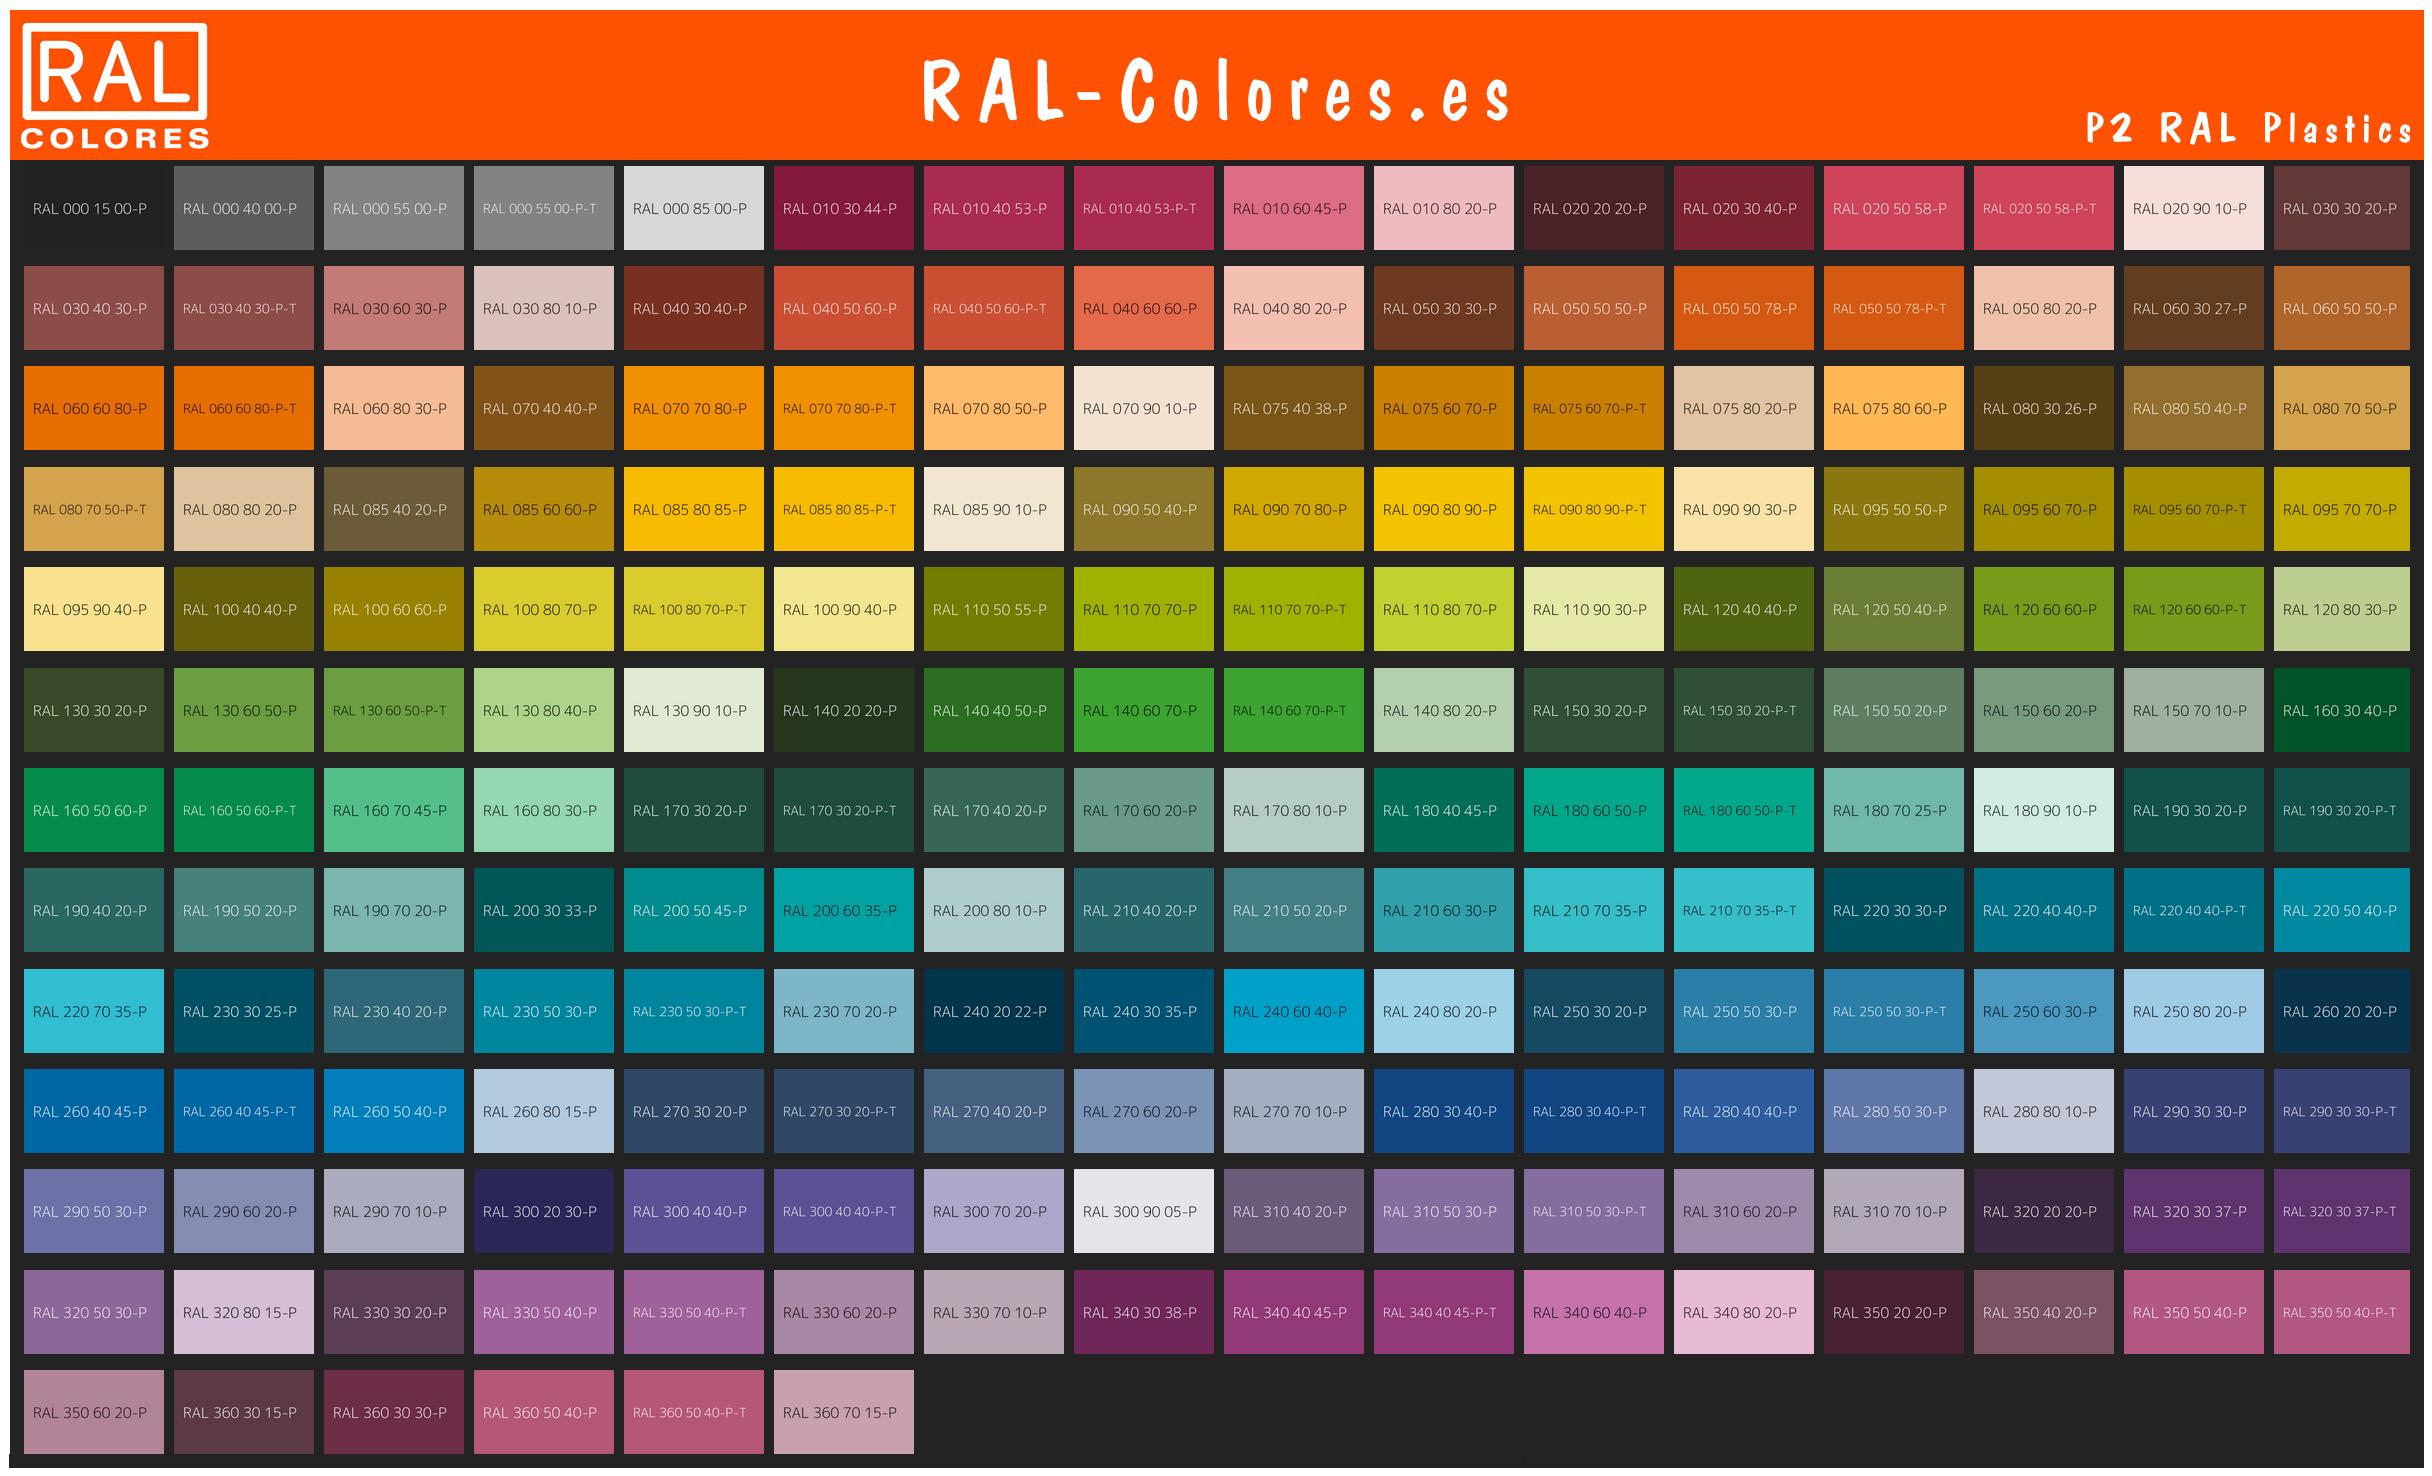 Carta de colores RAL P2 Plastics